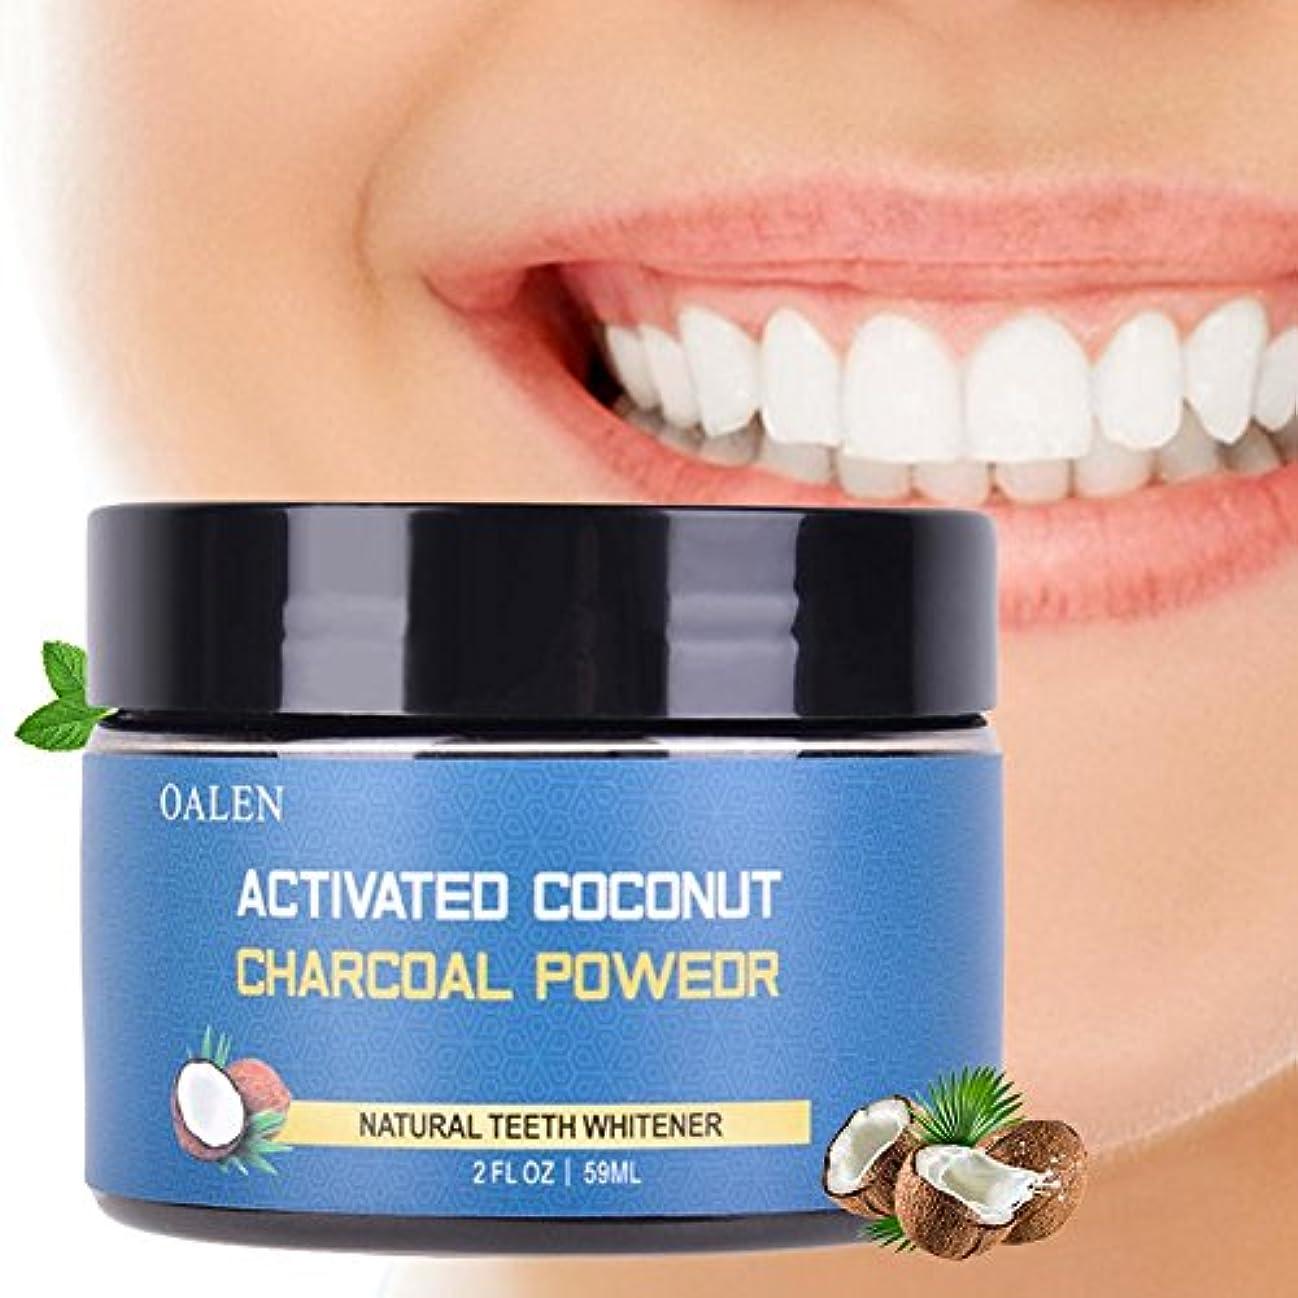 無限悪魔オーチャードSILUN 歯磨き粉 ニングパウダー有機 ココナッツ殻活性炭組成デンタルステイン除去 歯美白自然 口腔ケア